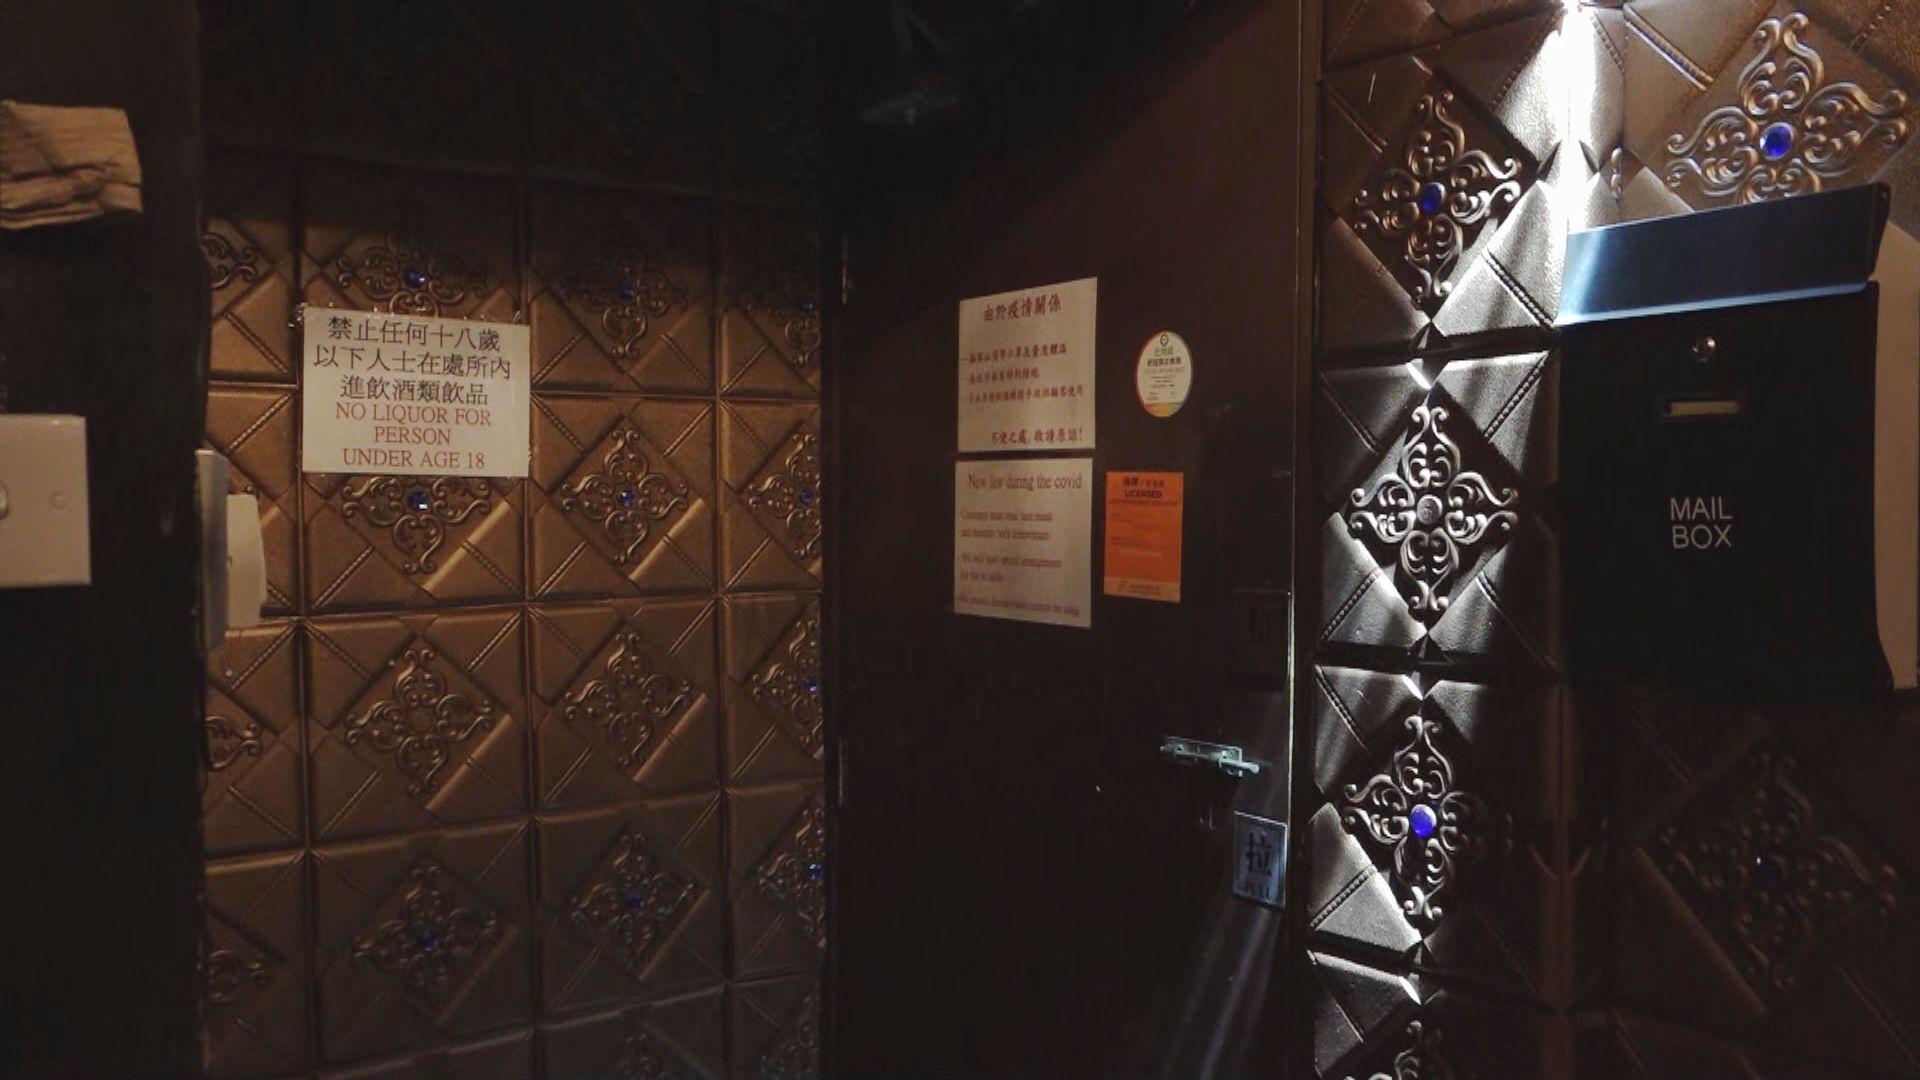 食環署就China Secret酒吧店名轉交警方跟進